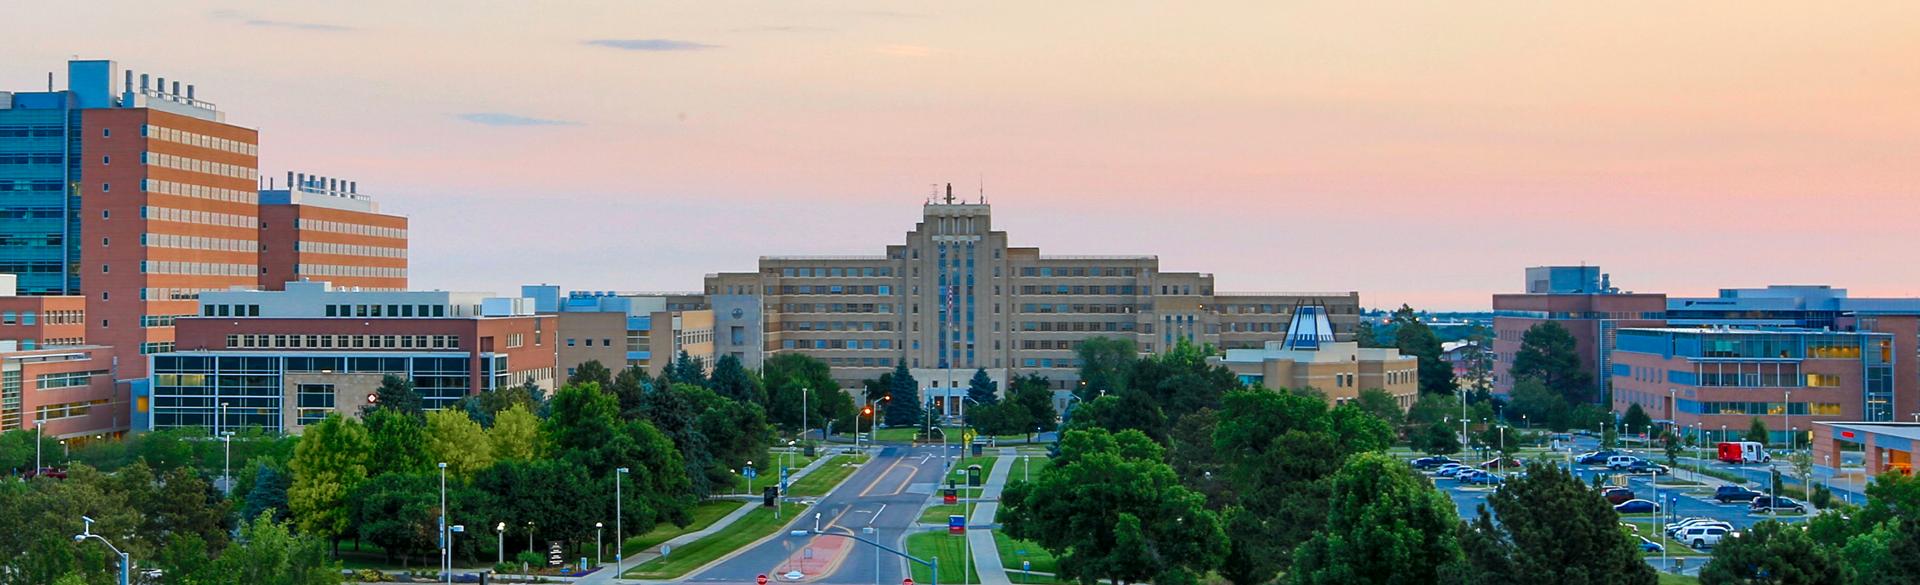 CU School of Medicine